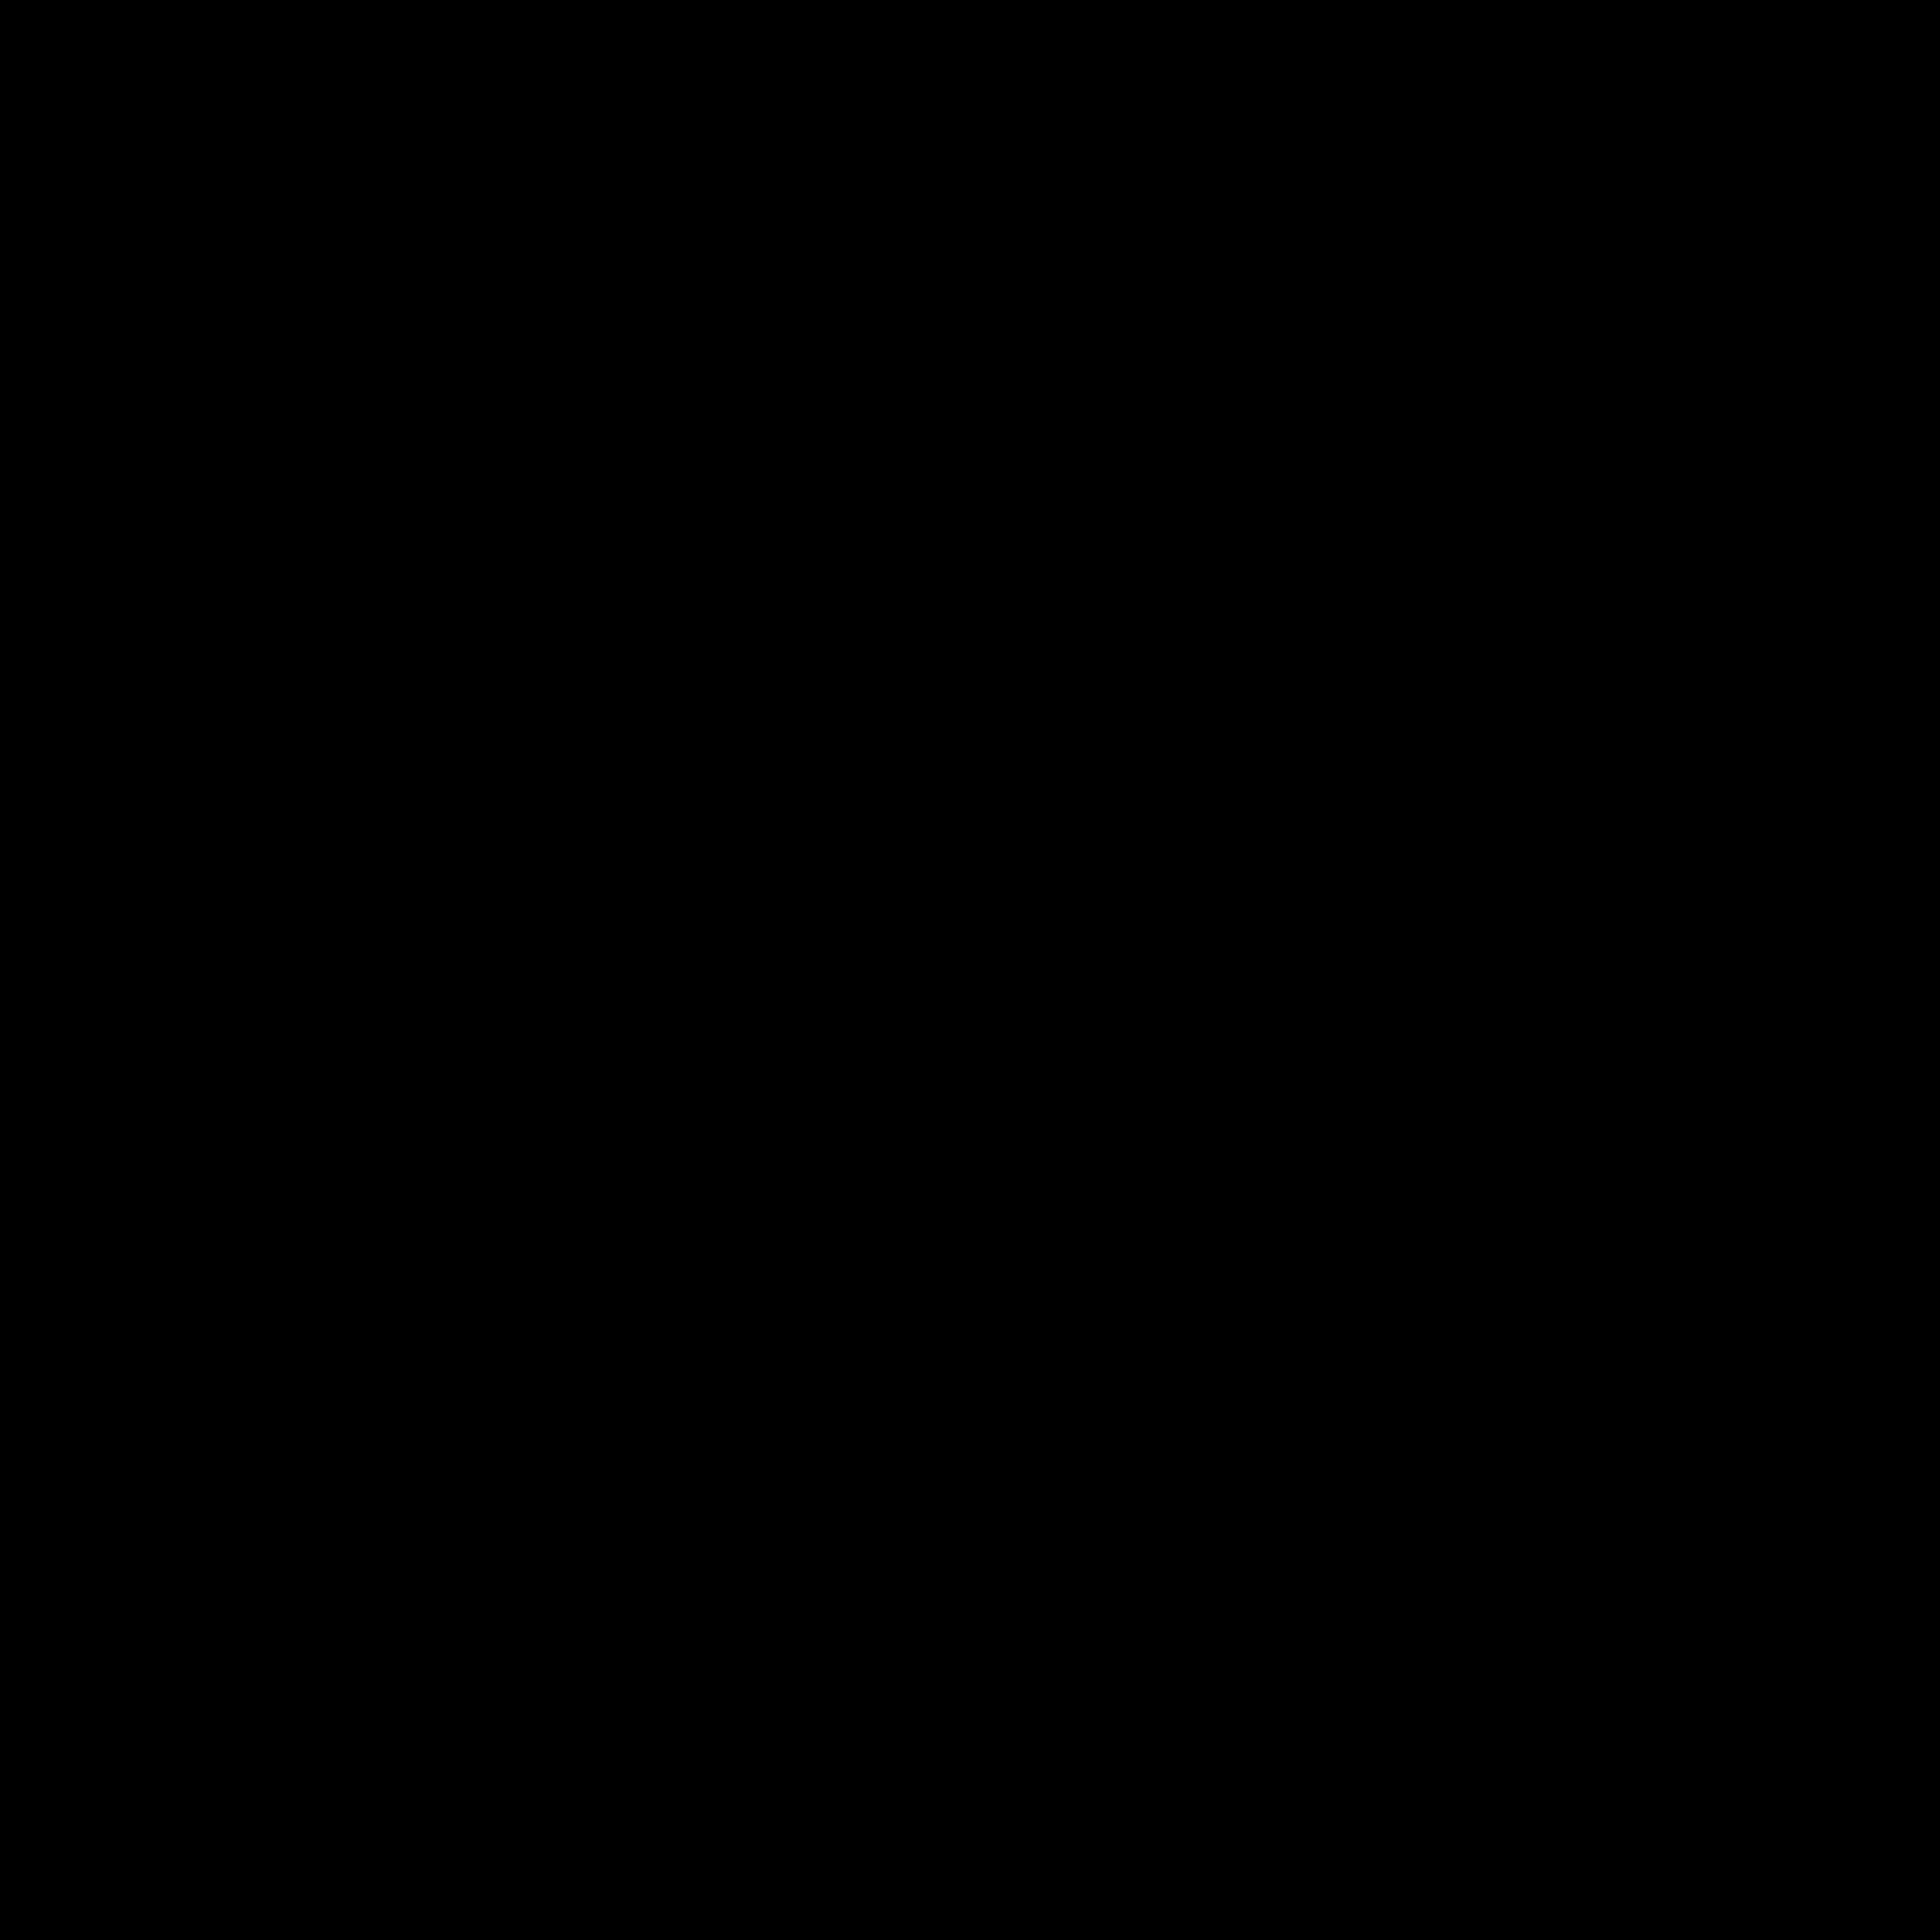 El Dorado Furniture - Furniture & Mattress Outlet - Ft Myers Store